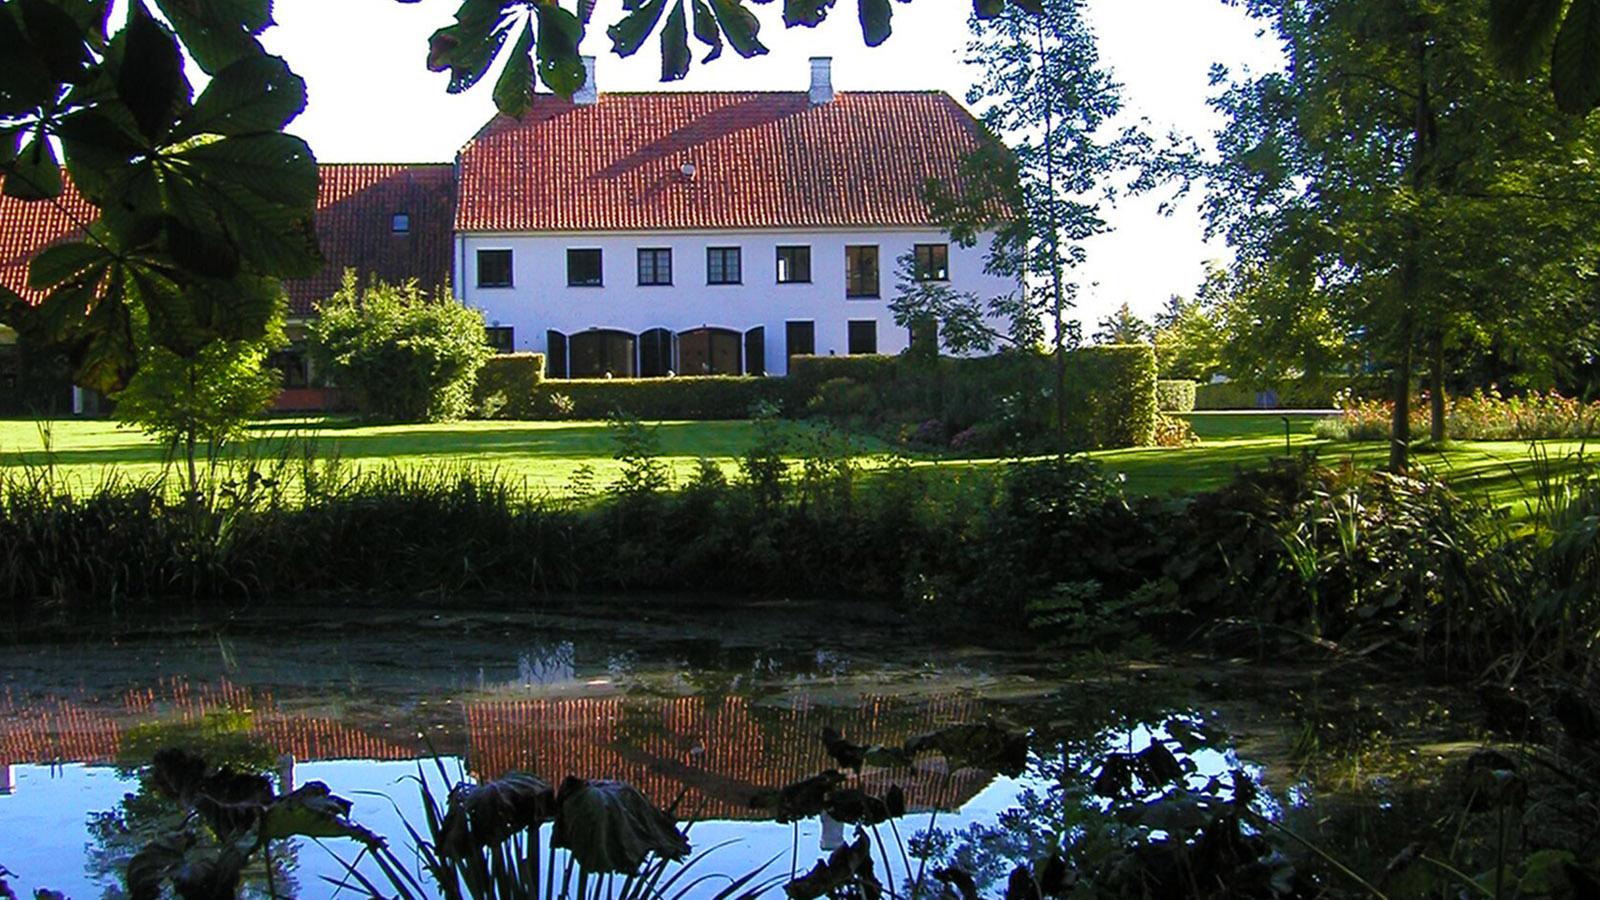 Öresund, Rundstedlund - hier schrieb Tania Brixen ihre Erfolgsromane. Foto: Hilke Maunder